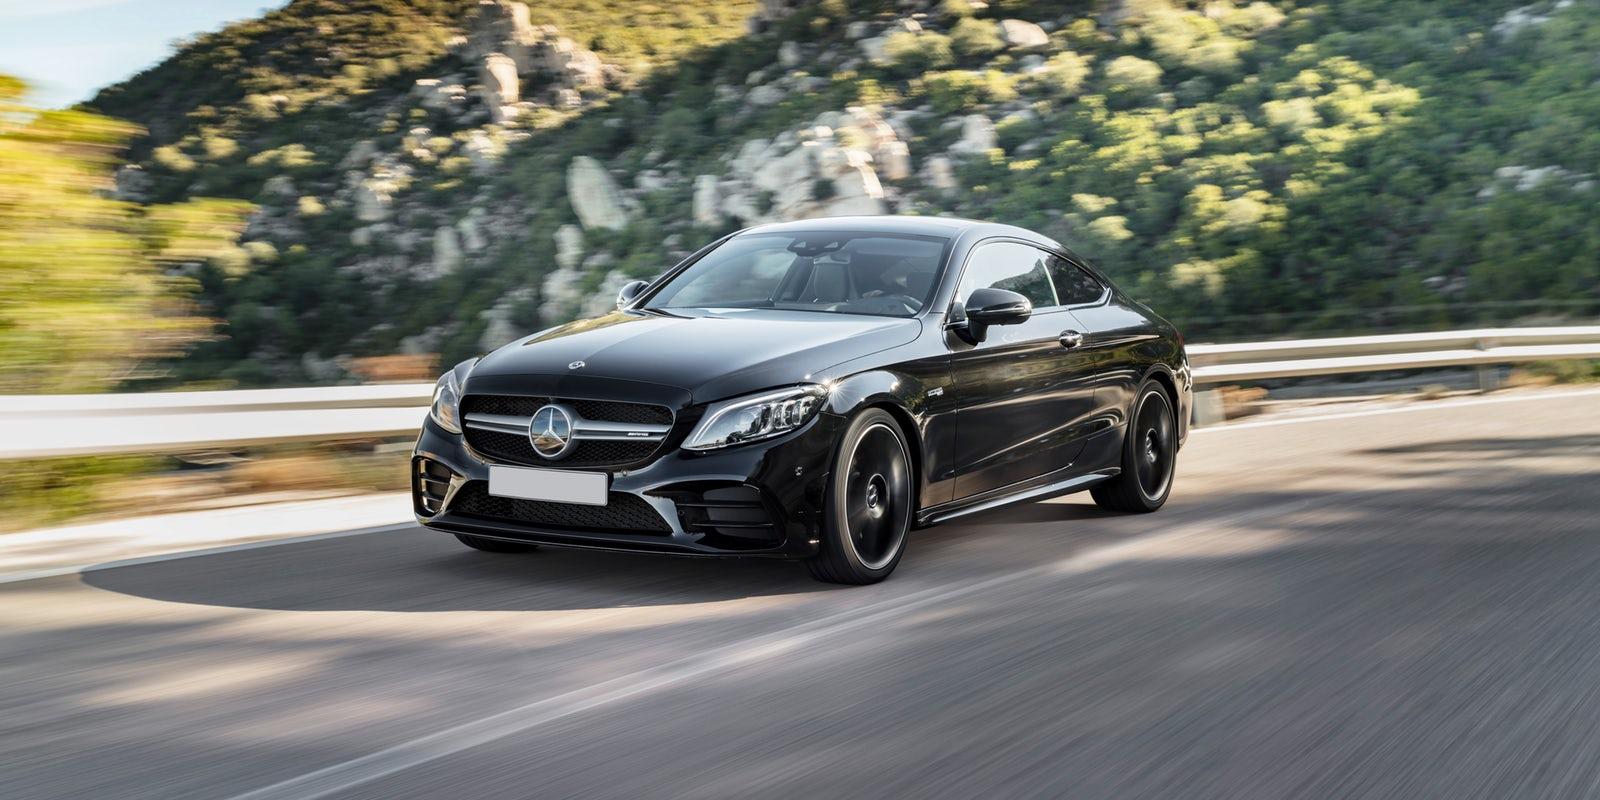 Трета година по ред, Mercedes на глобално ниво e поуспешен од BMW